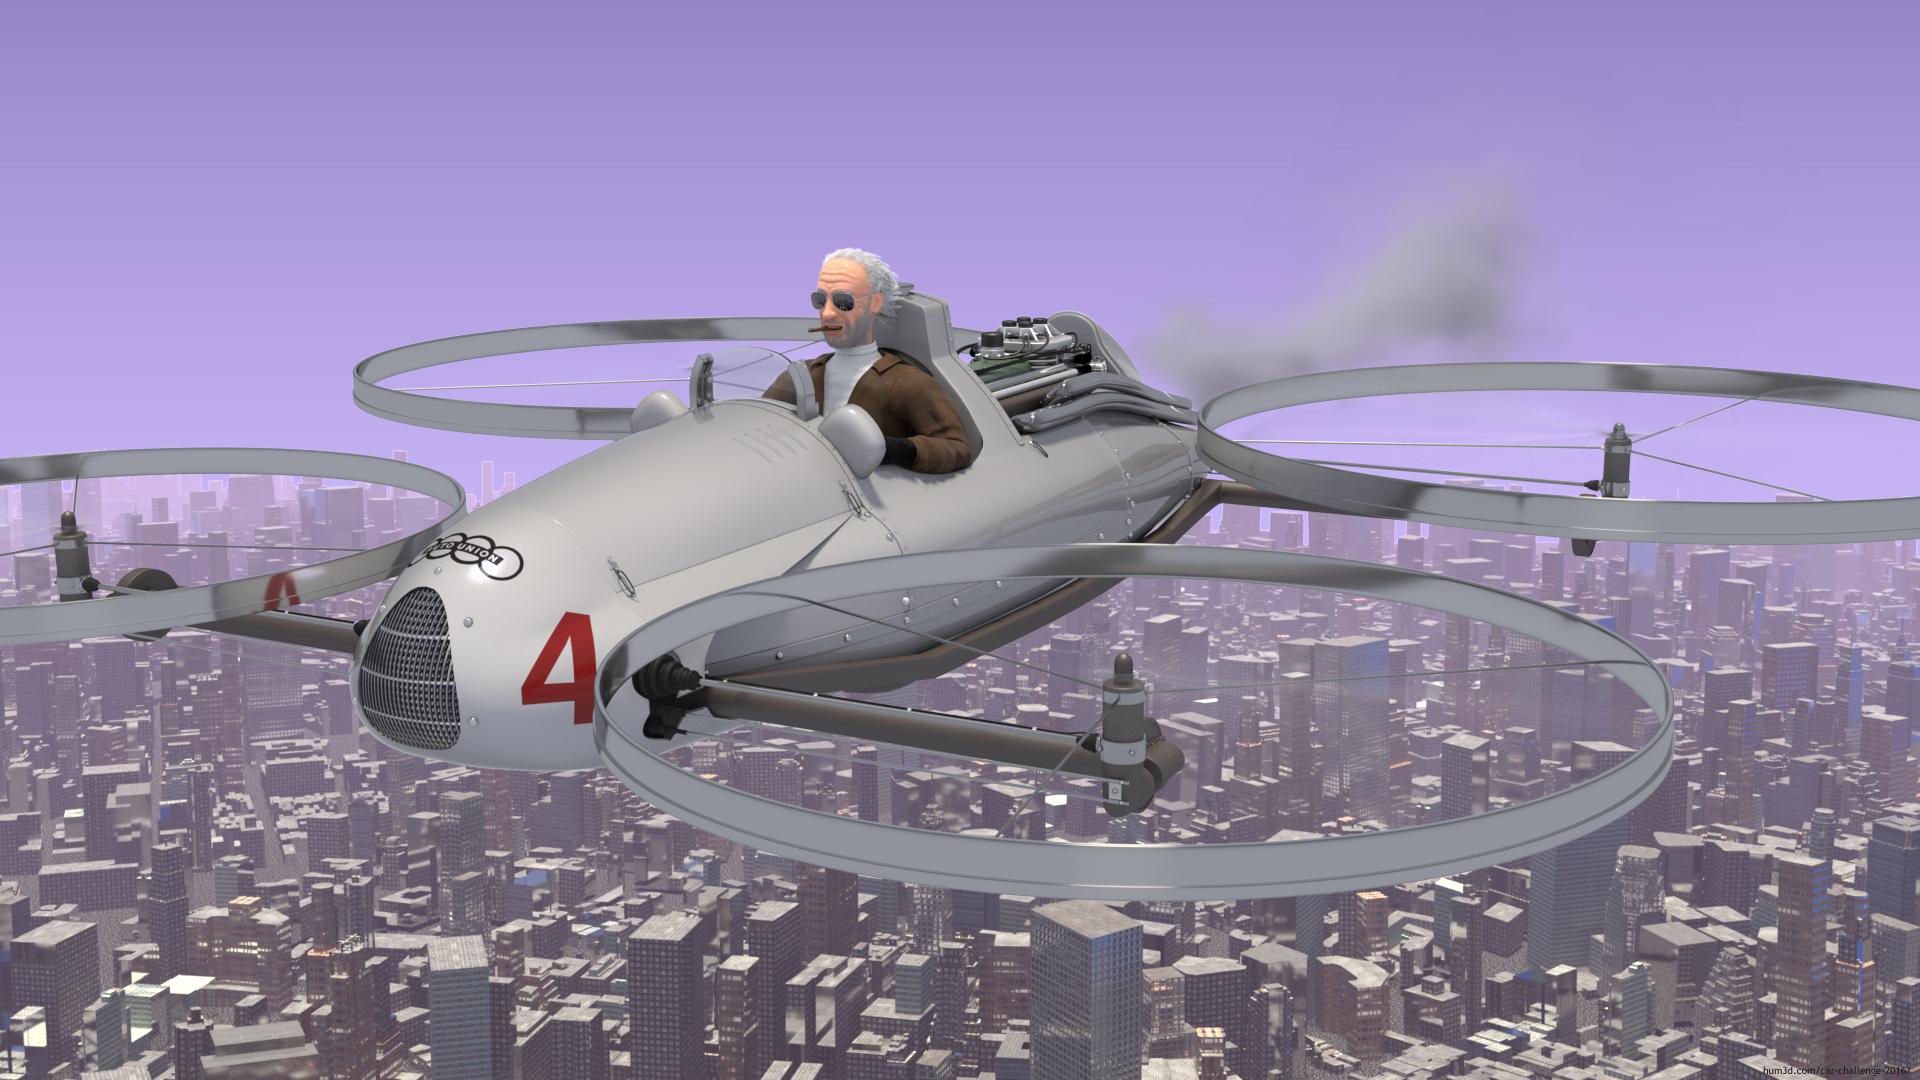 Aerotuning 3d art